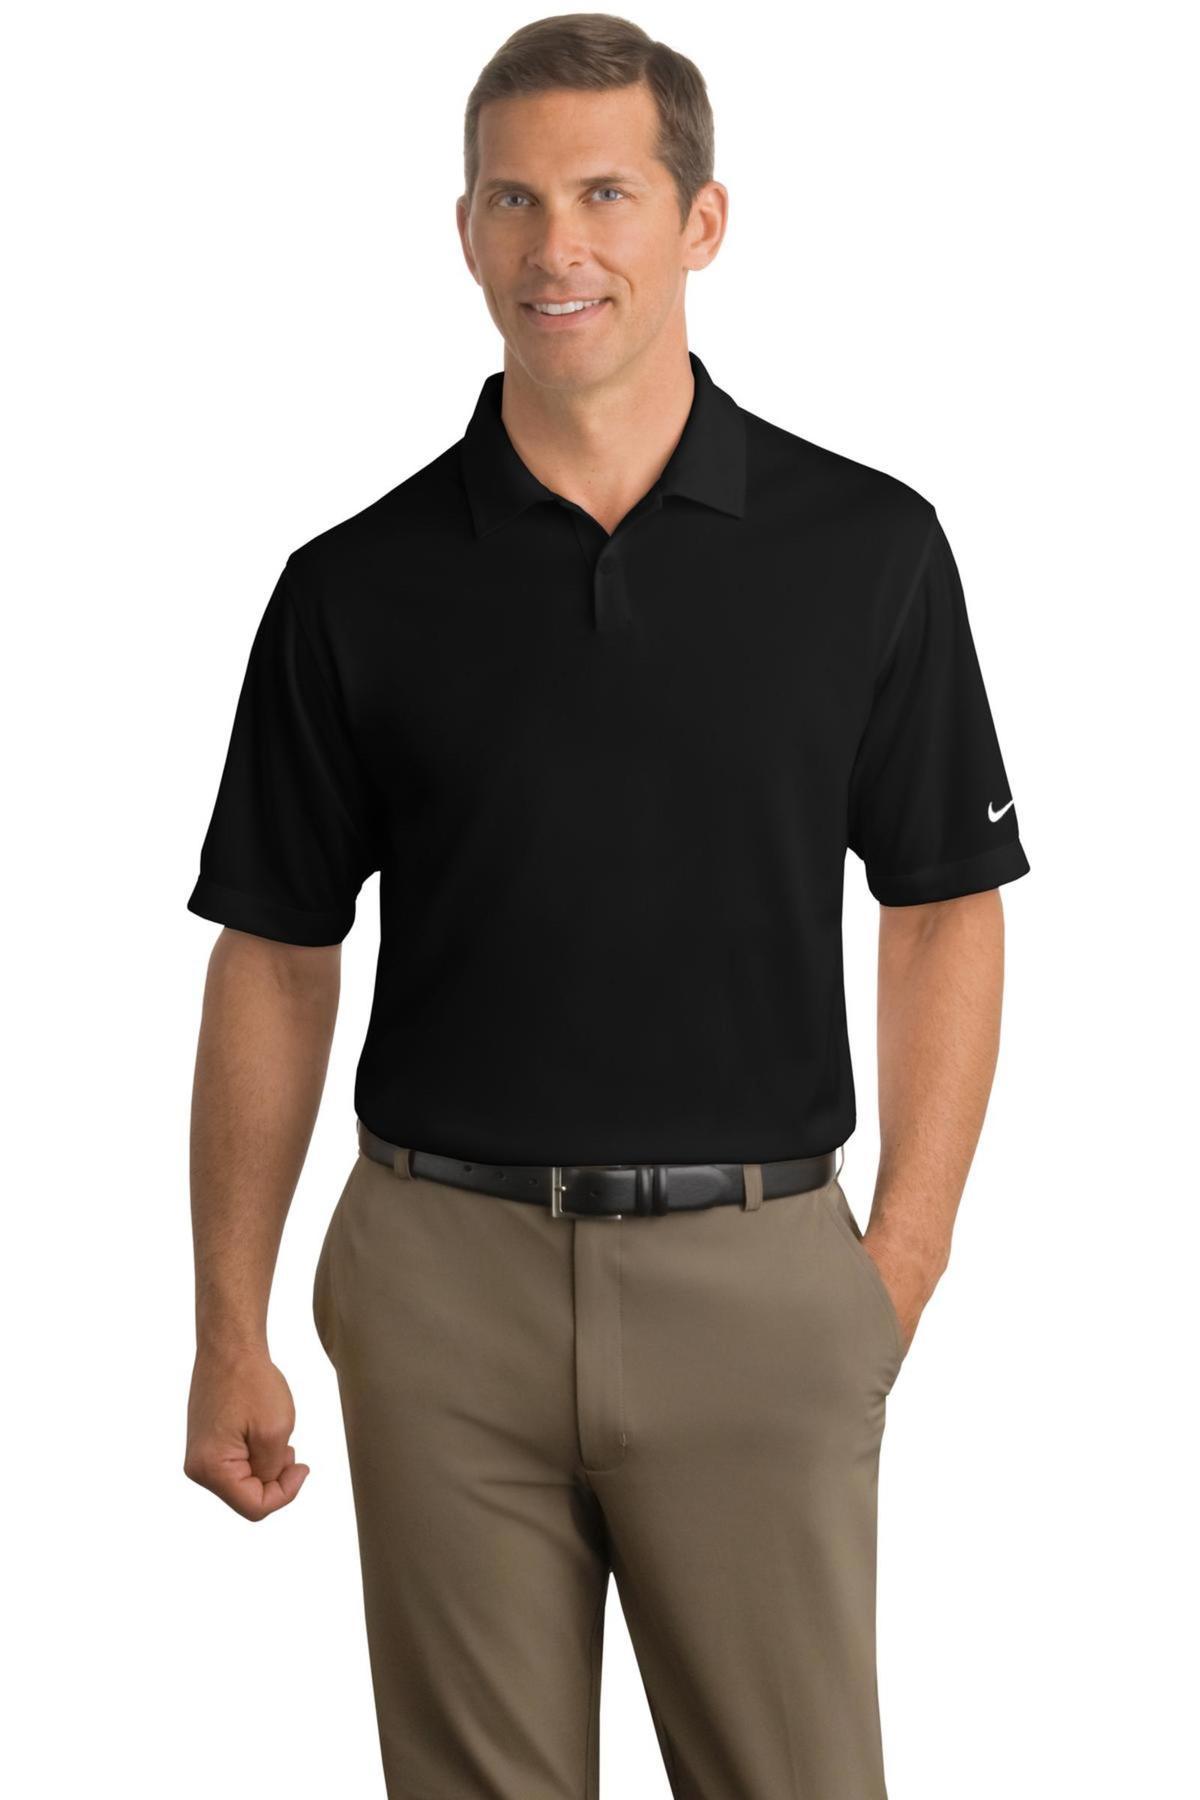 22a61f9c6 Nike Golf Embroidered Men s Dri-FIT Pebble Texture Polo - Queensboro